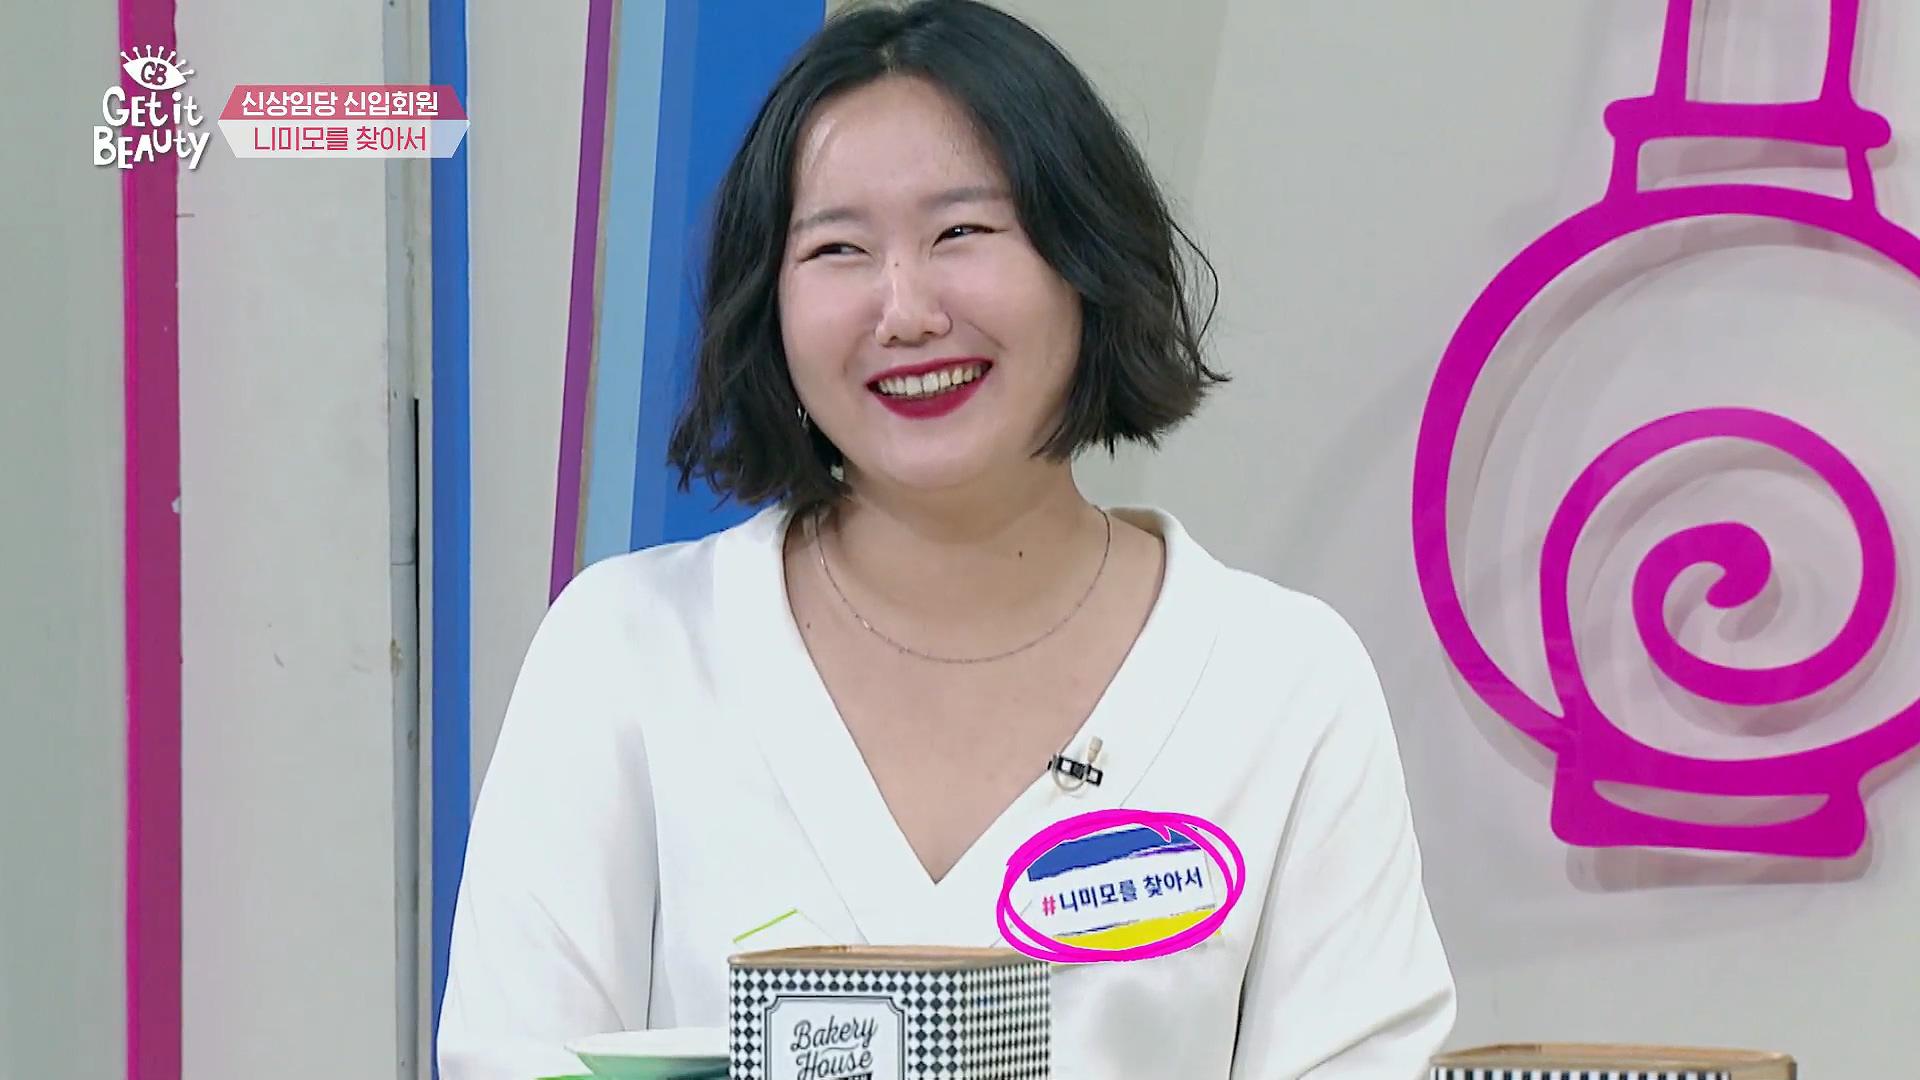 오늘의 신입 회원! #니미모를찾아서 메이크업 아티스트 이나겸씨입니다~